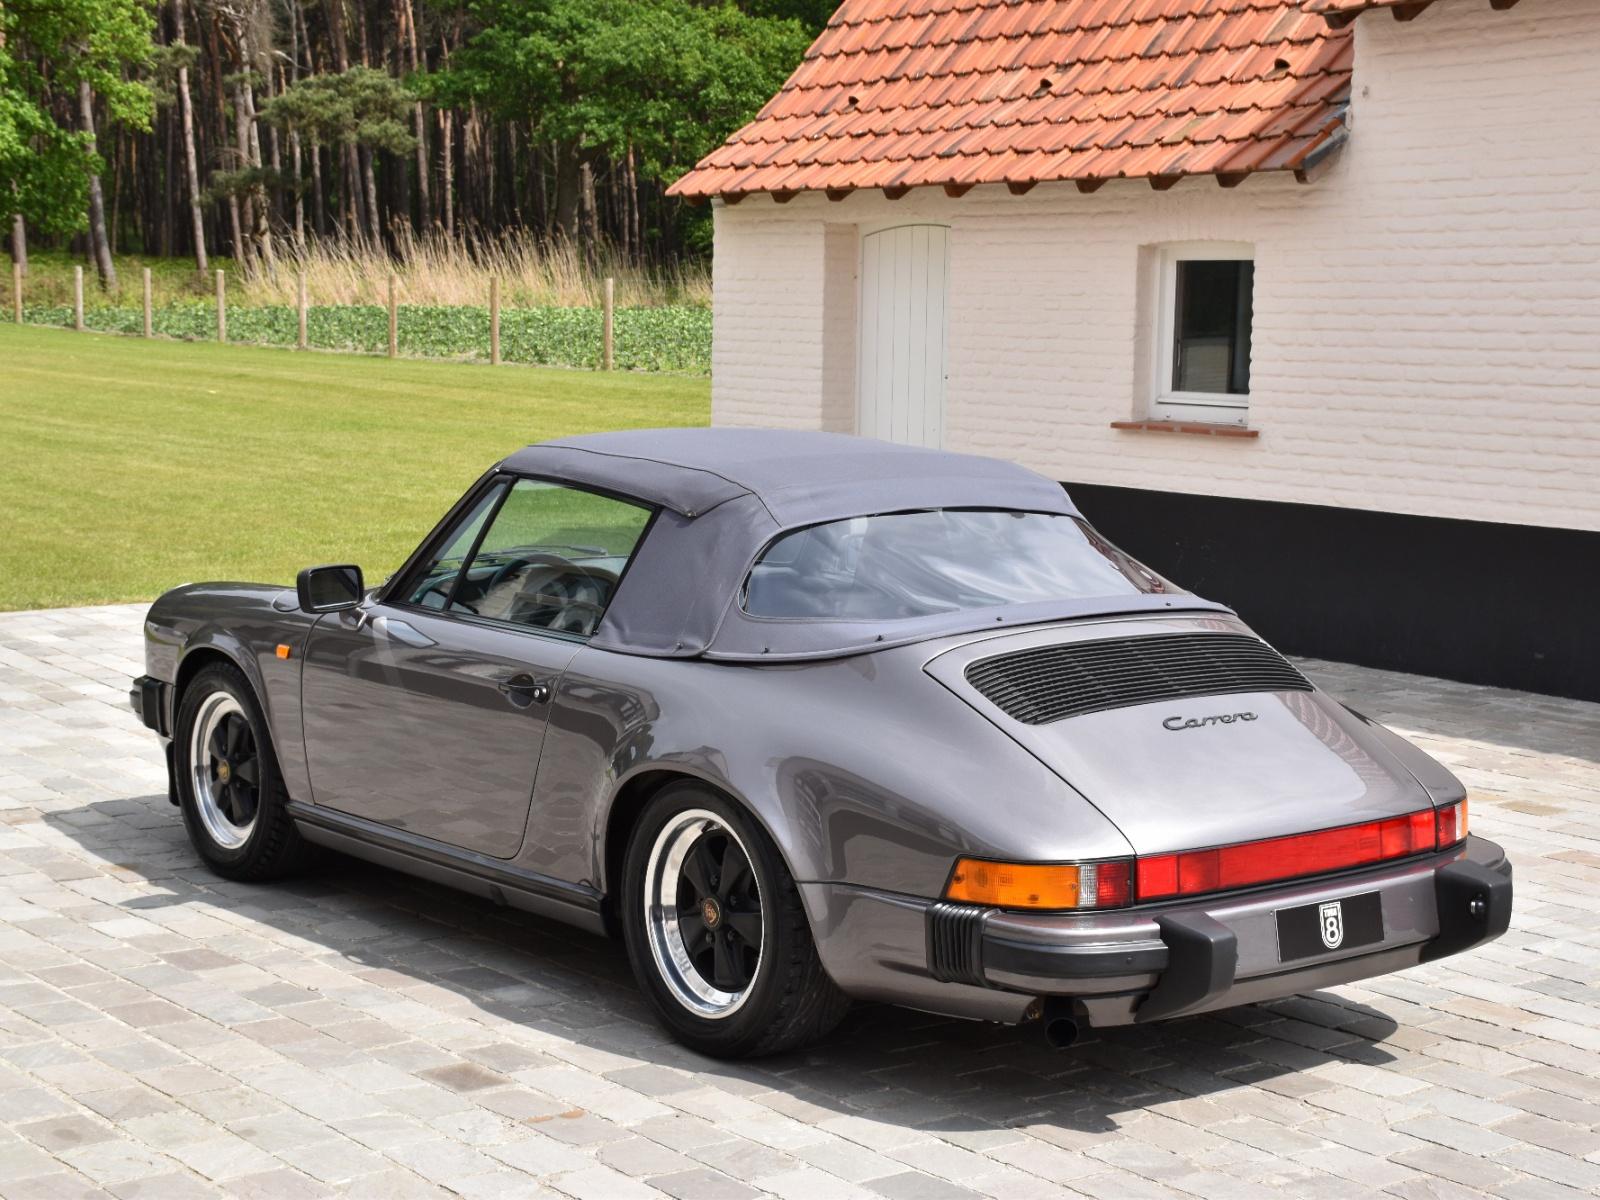 1989 Porsche 911 3 2 Convertible Turn8 Cars